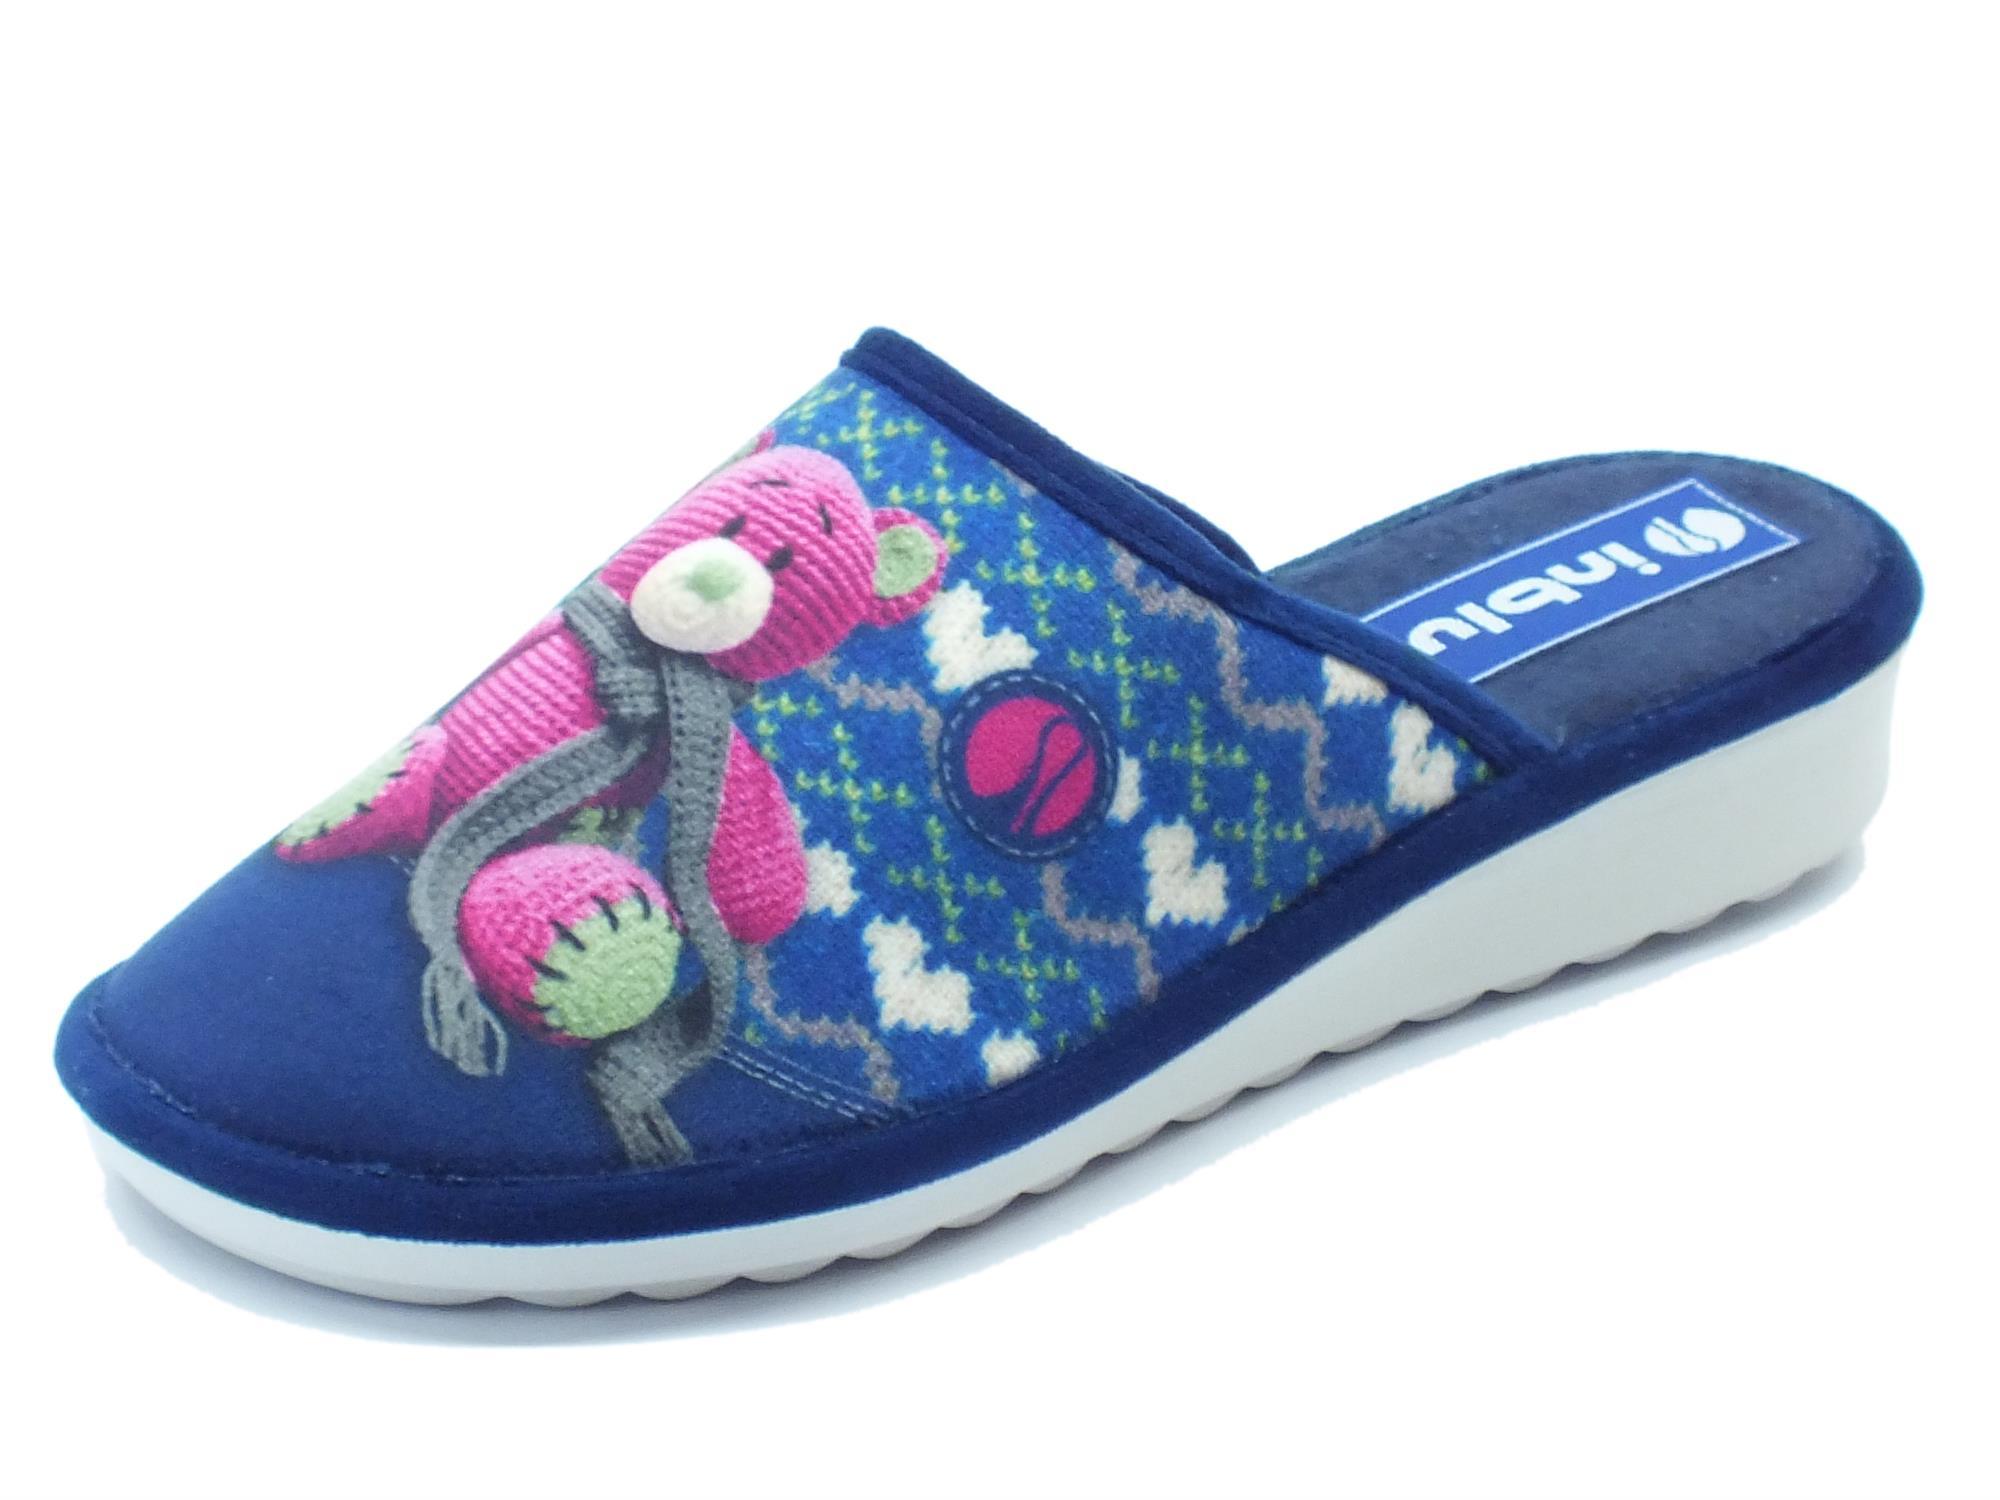 nuovo arrivo 562ae 7b440 Pantofole InBlu per donna in tessuto blu con orsacchiotto